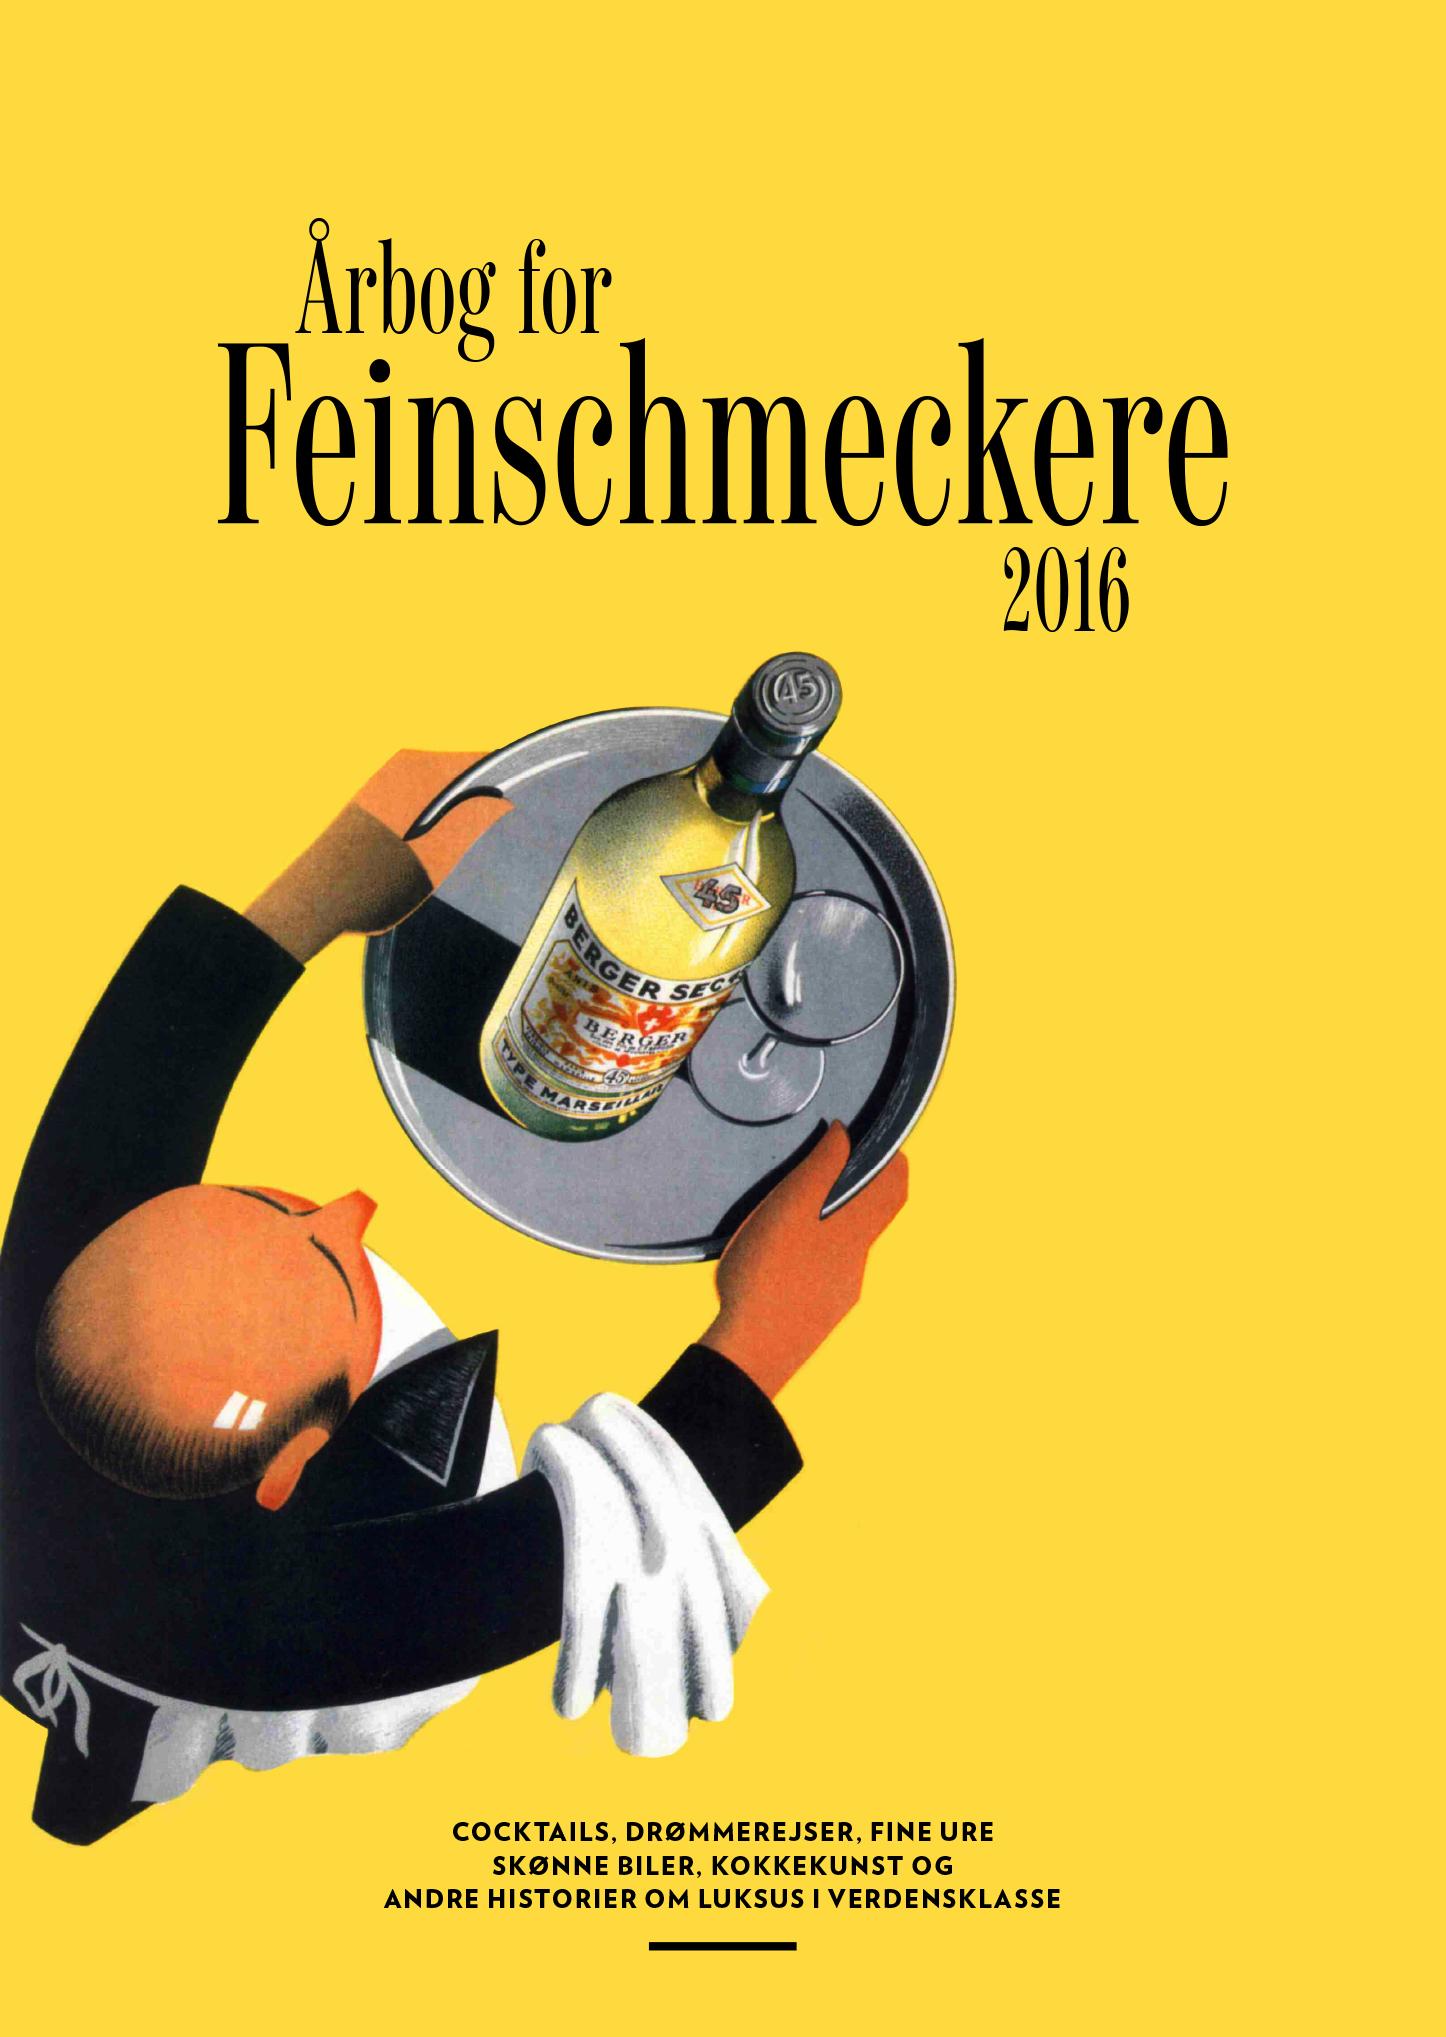 Årbog for Feinschmeckere 2016